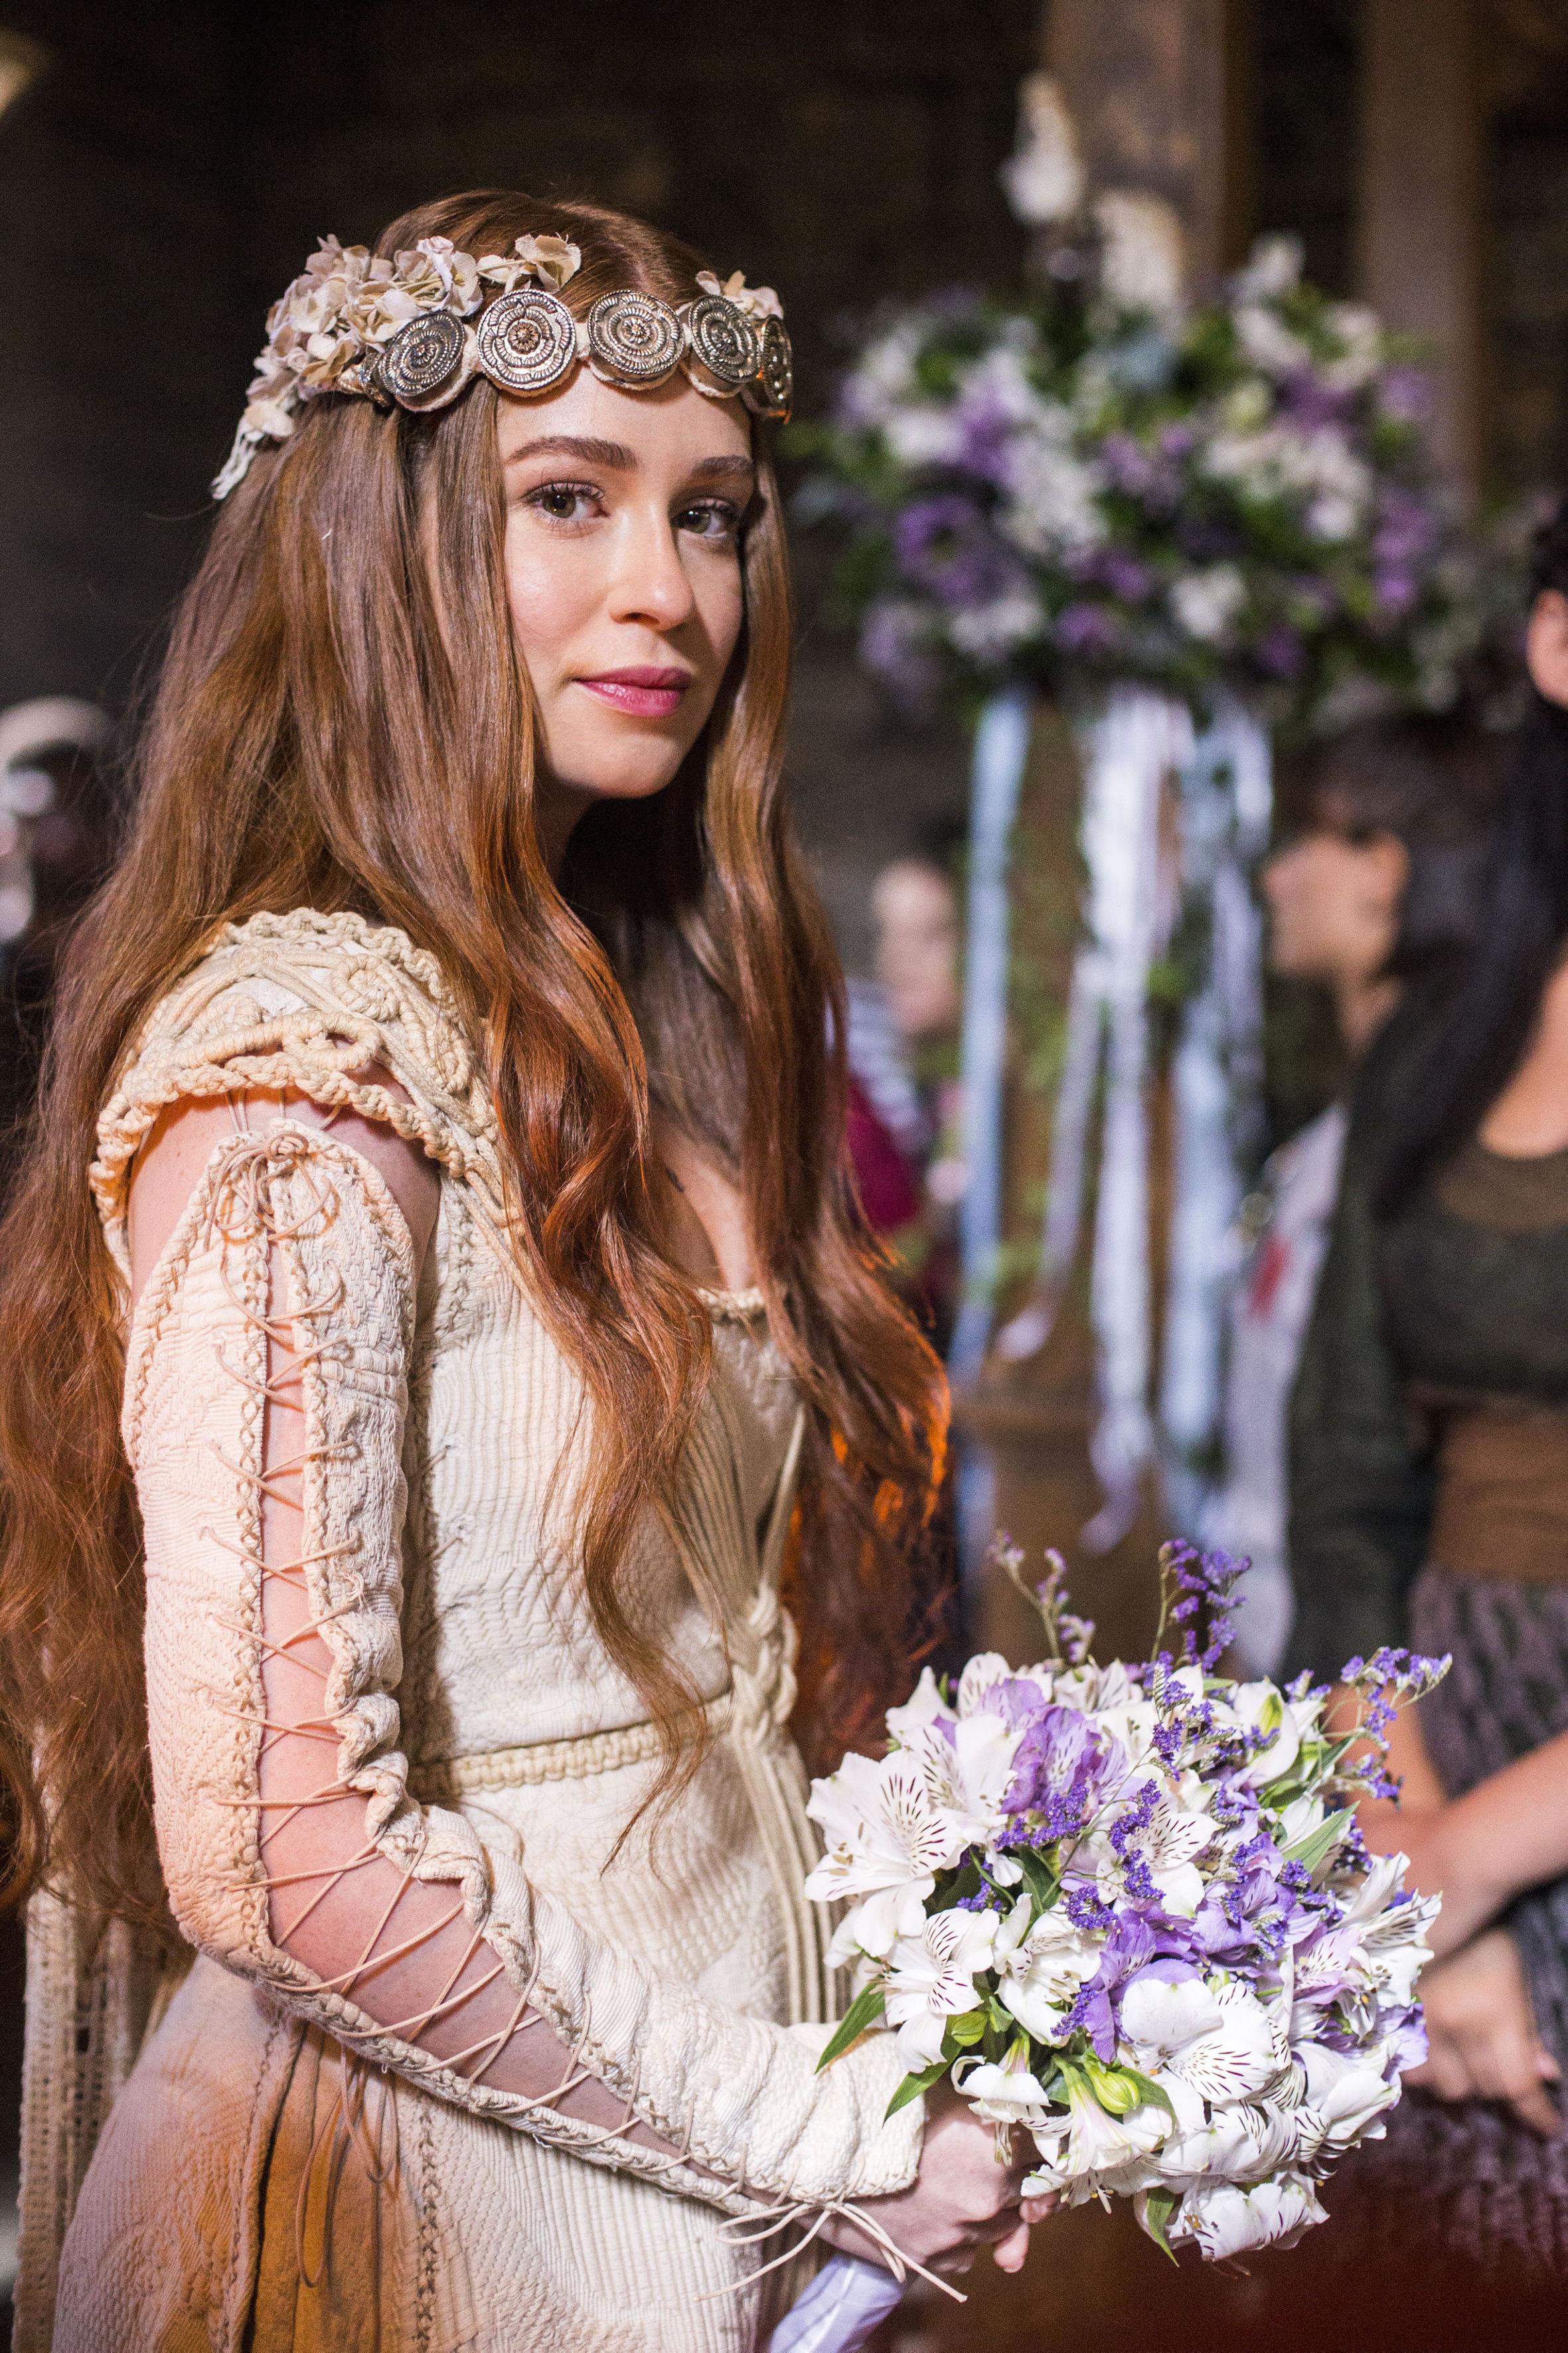 vestido-noiva-amalia-deus-salve-o-rei